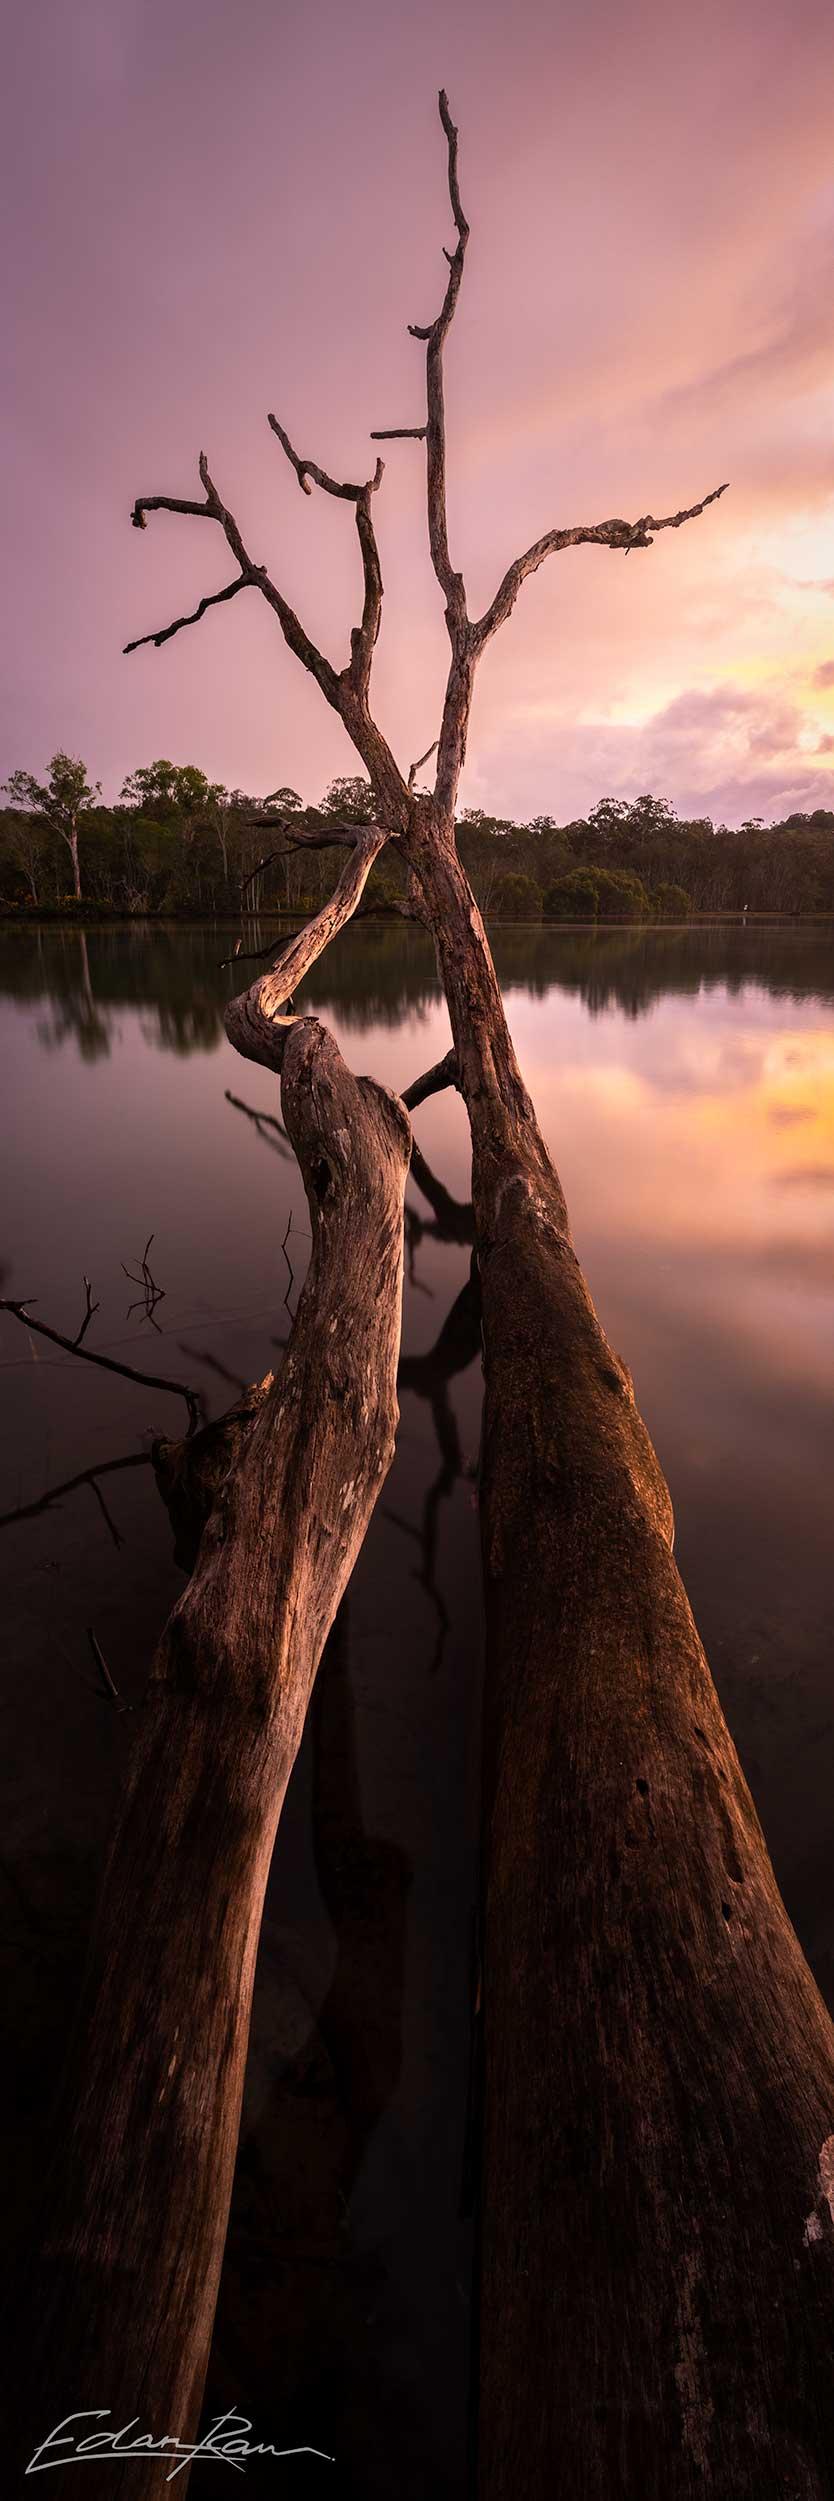 Australian landscape photograph